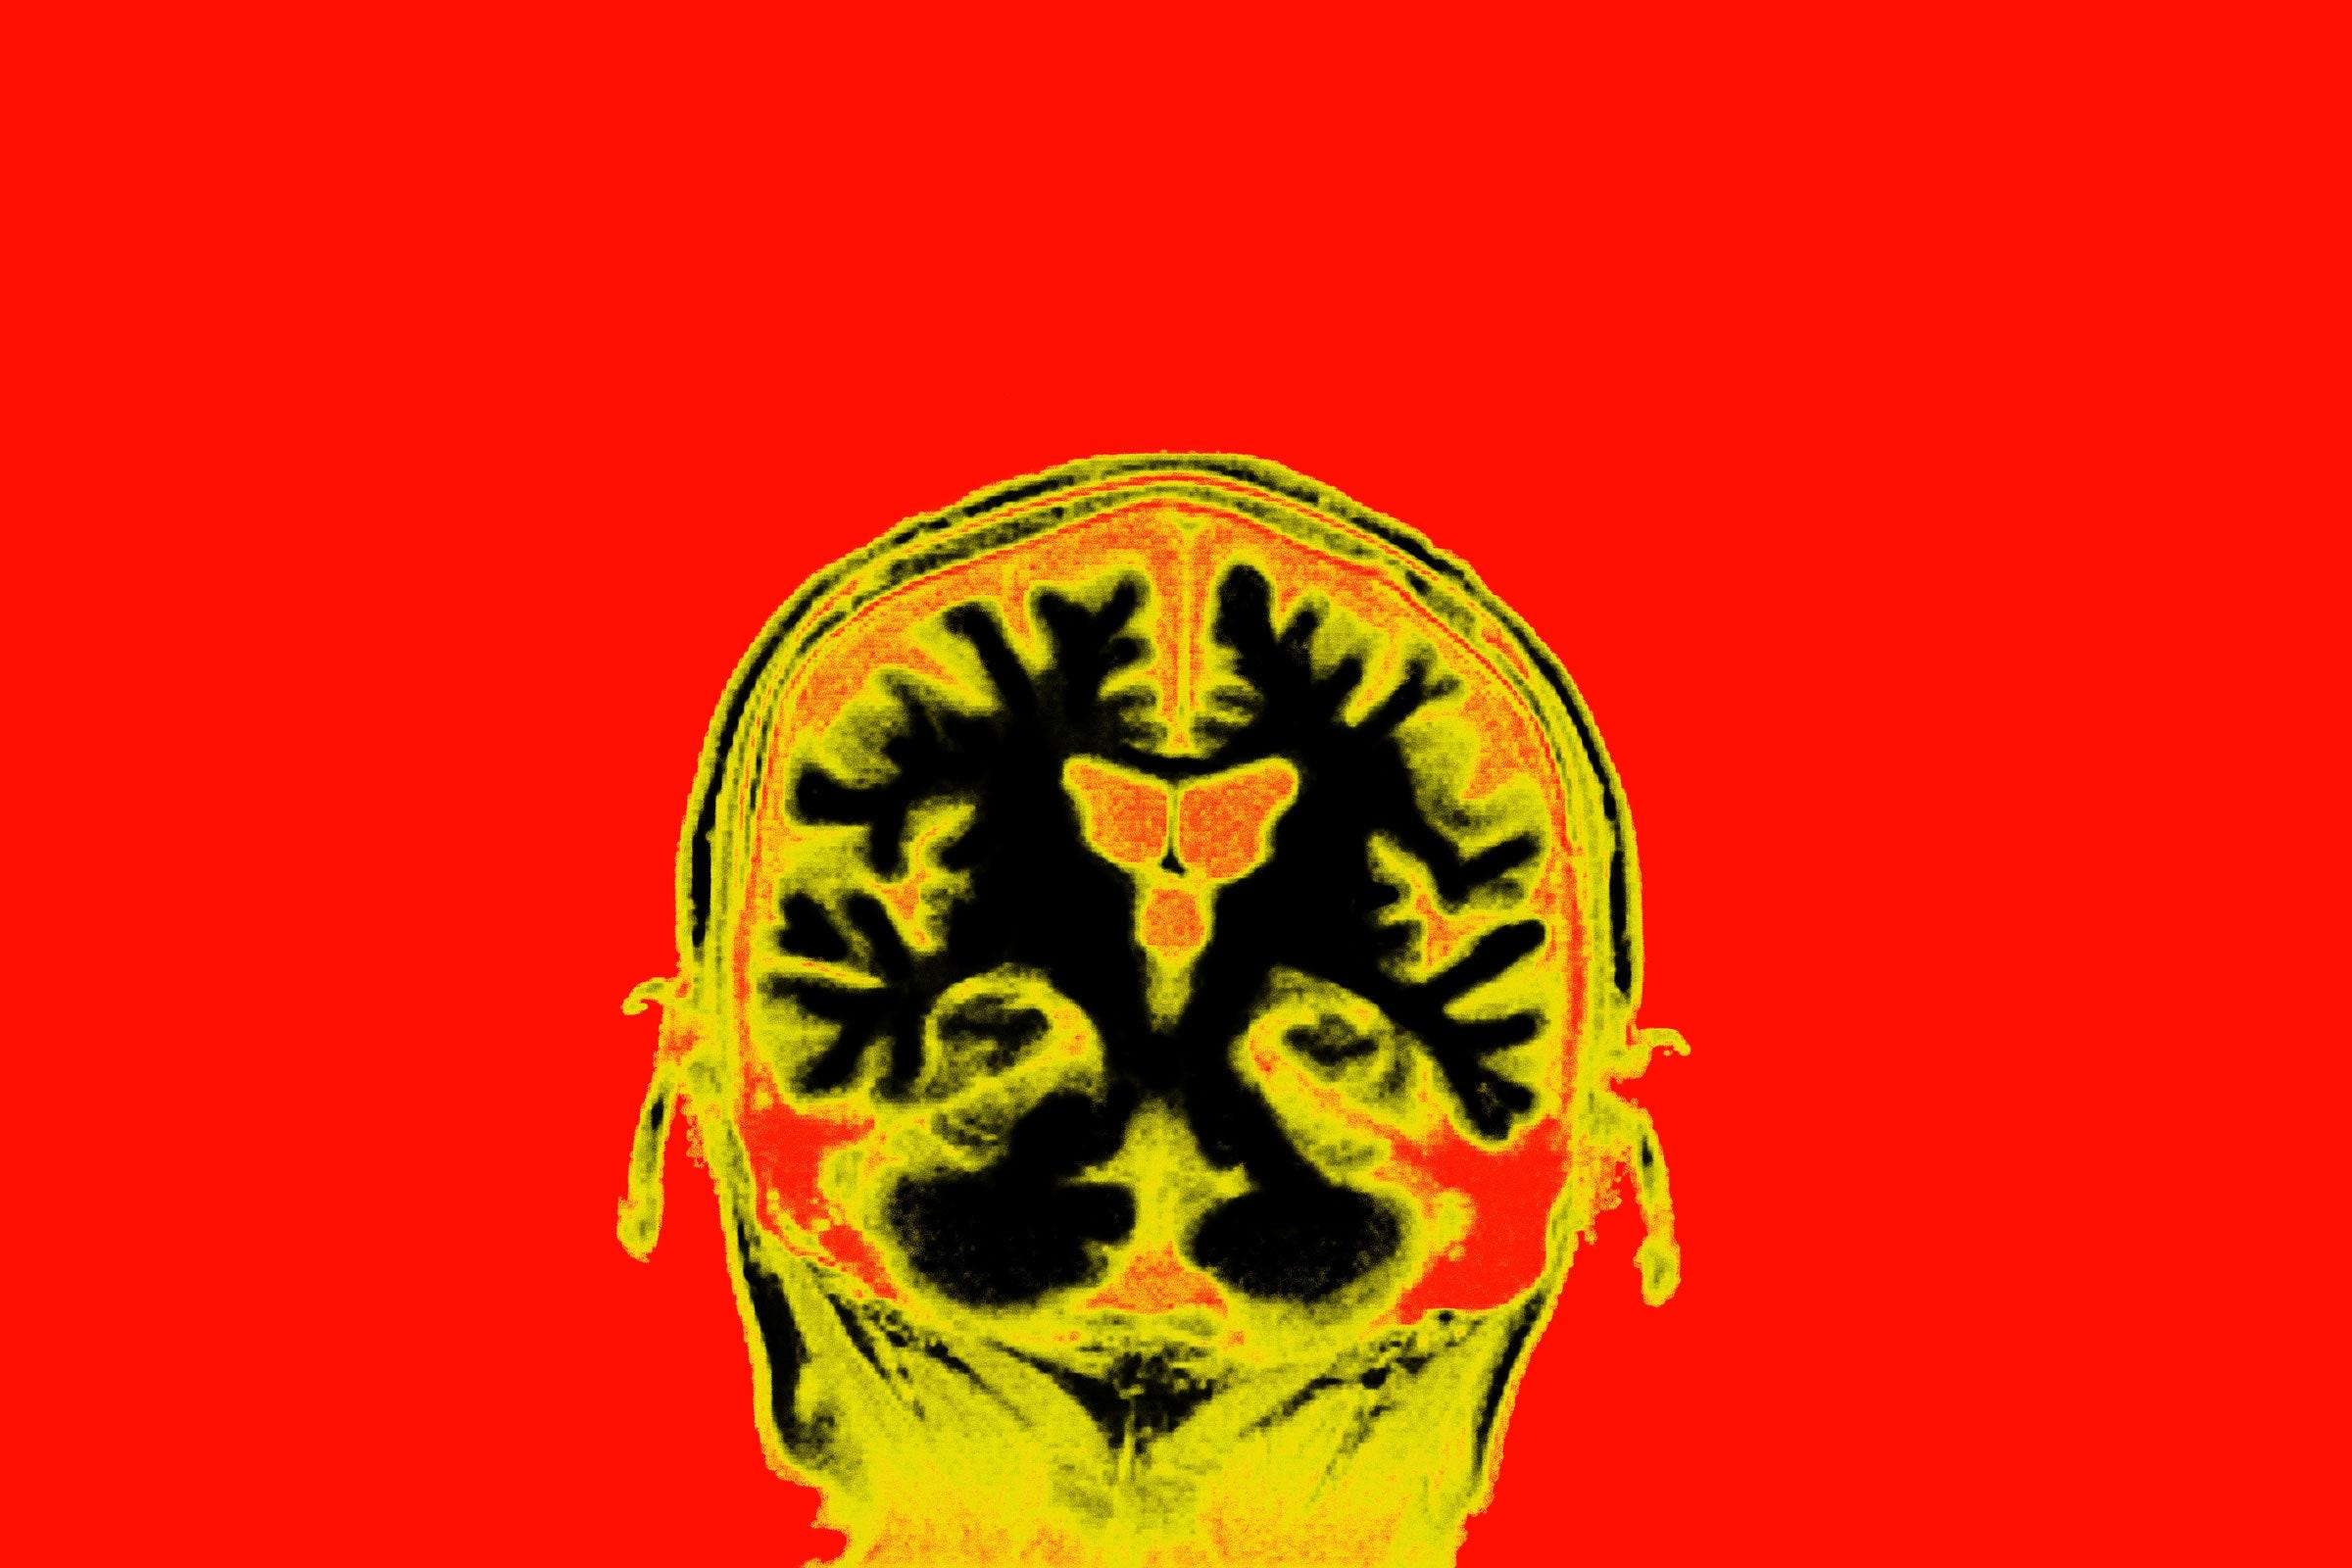 [Перевод] Это ваш мозг под наркозом